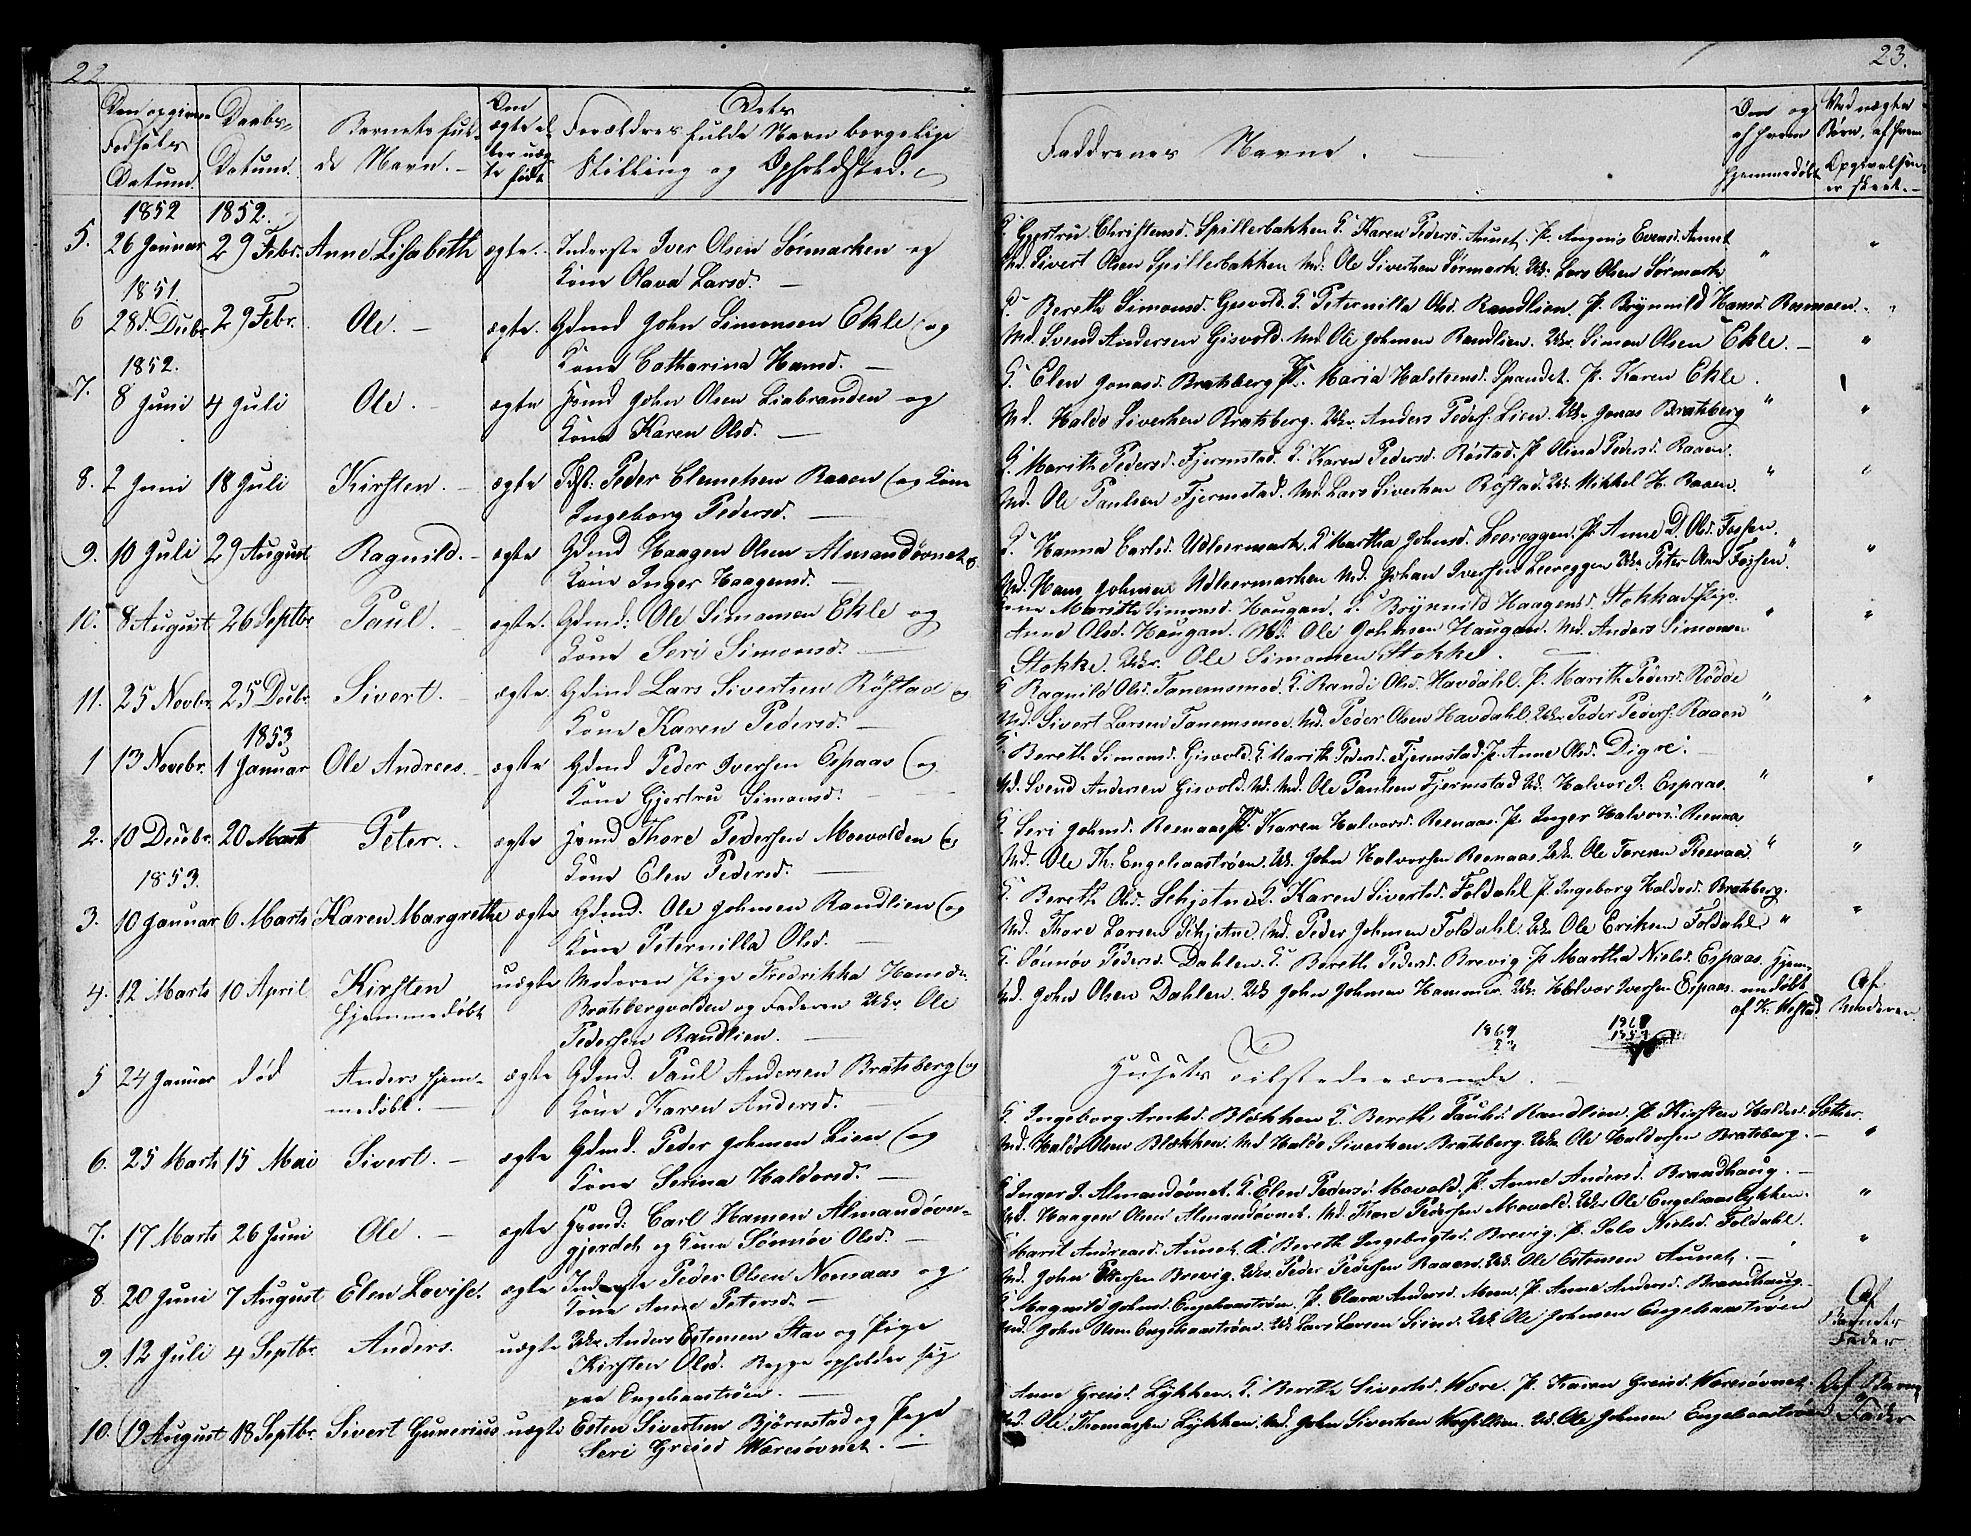 SAT, Ministerialprotokoller, klokkerbøker og fødselsregistre - Sør-Trøndelag, 608/L0339: Klokkerbok nr. 608C05, 1844-1863, s. 22-23